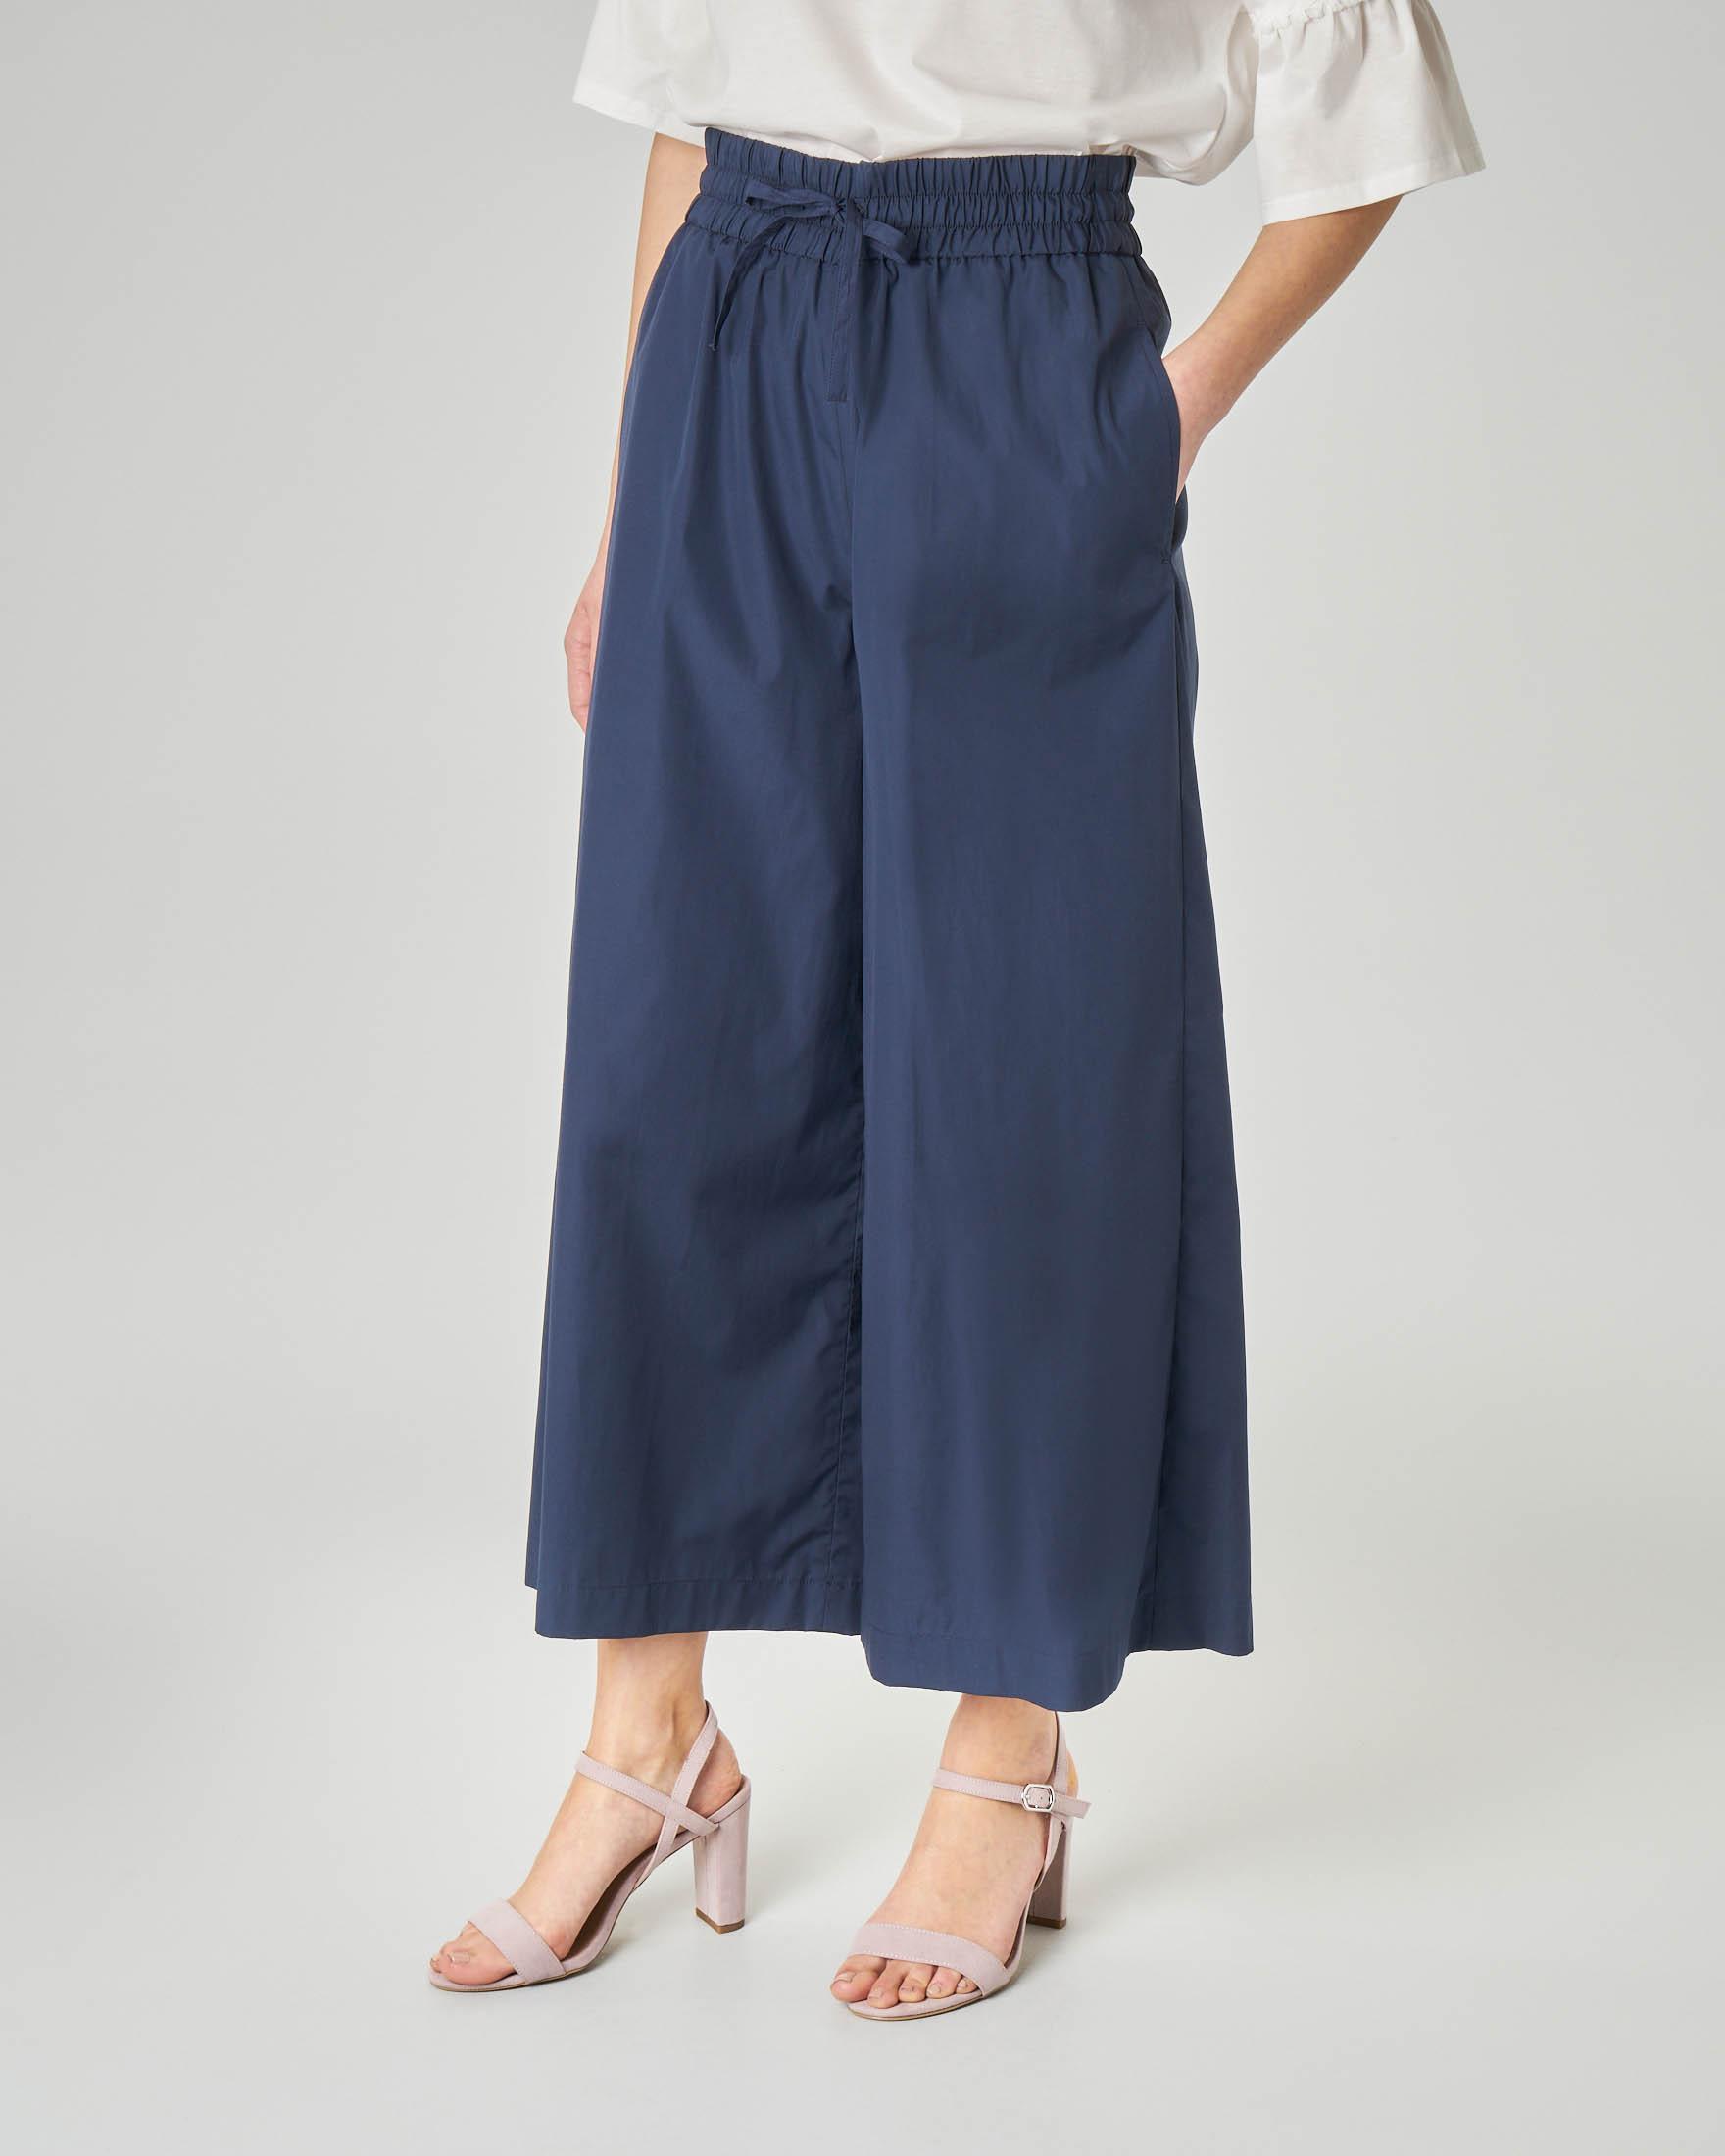 Pantaloni culotte in cotone blu